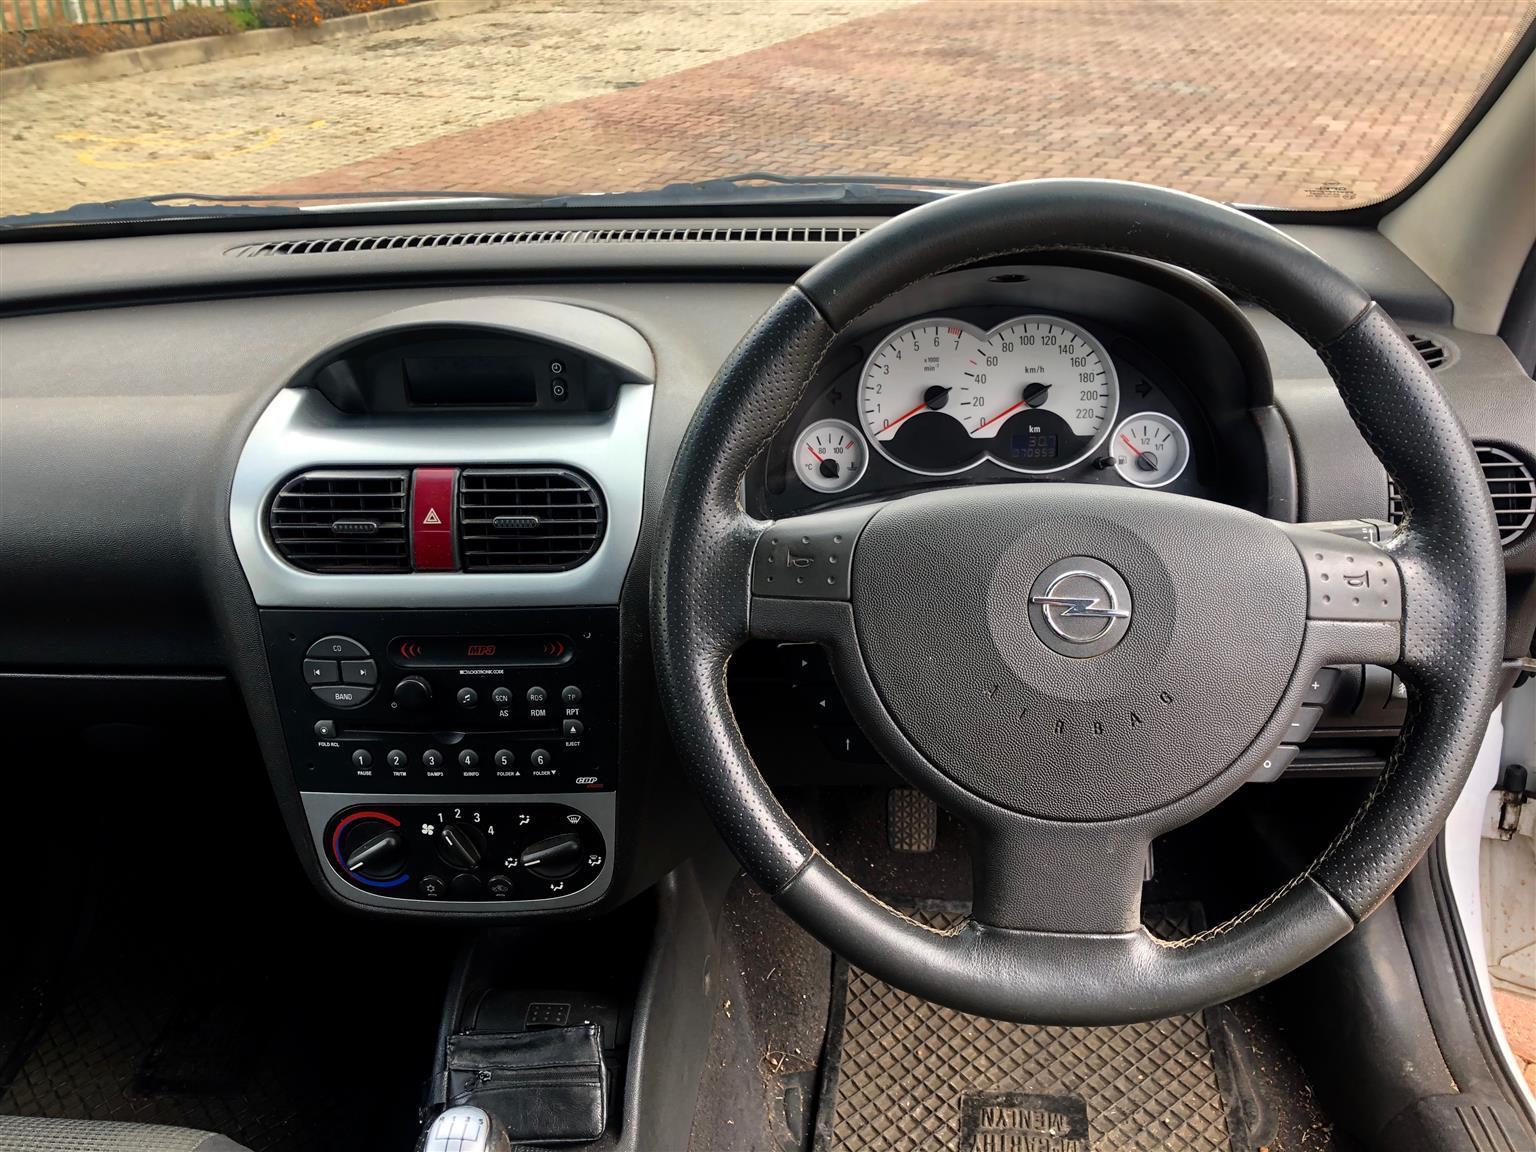 2009 Chevrolet Utility 1.8 Sport